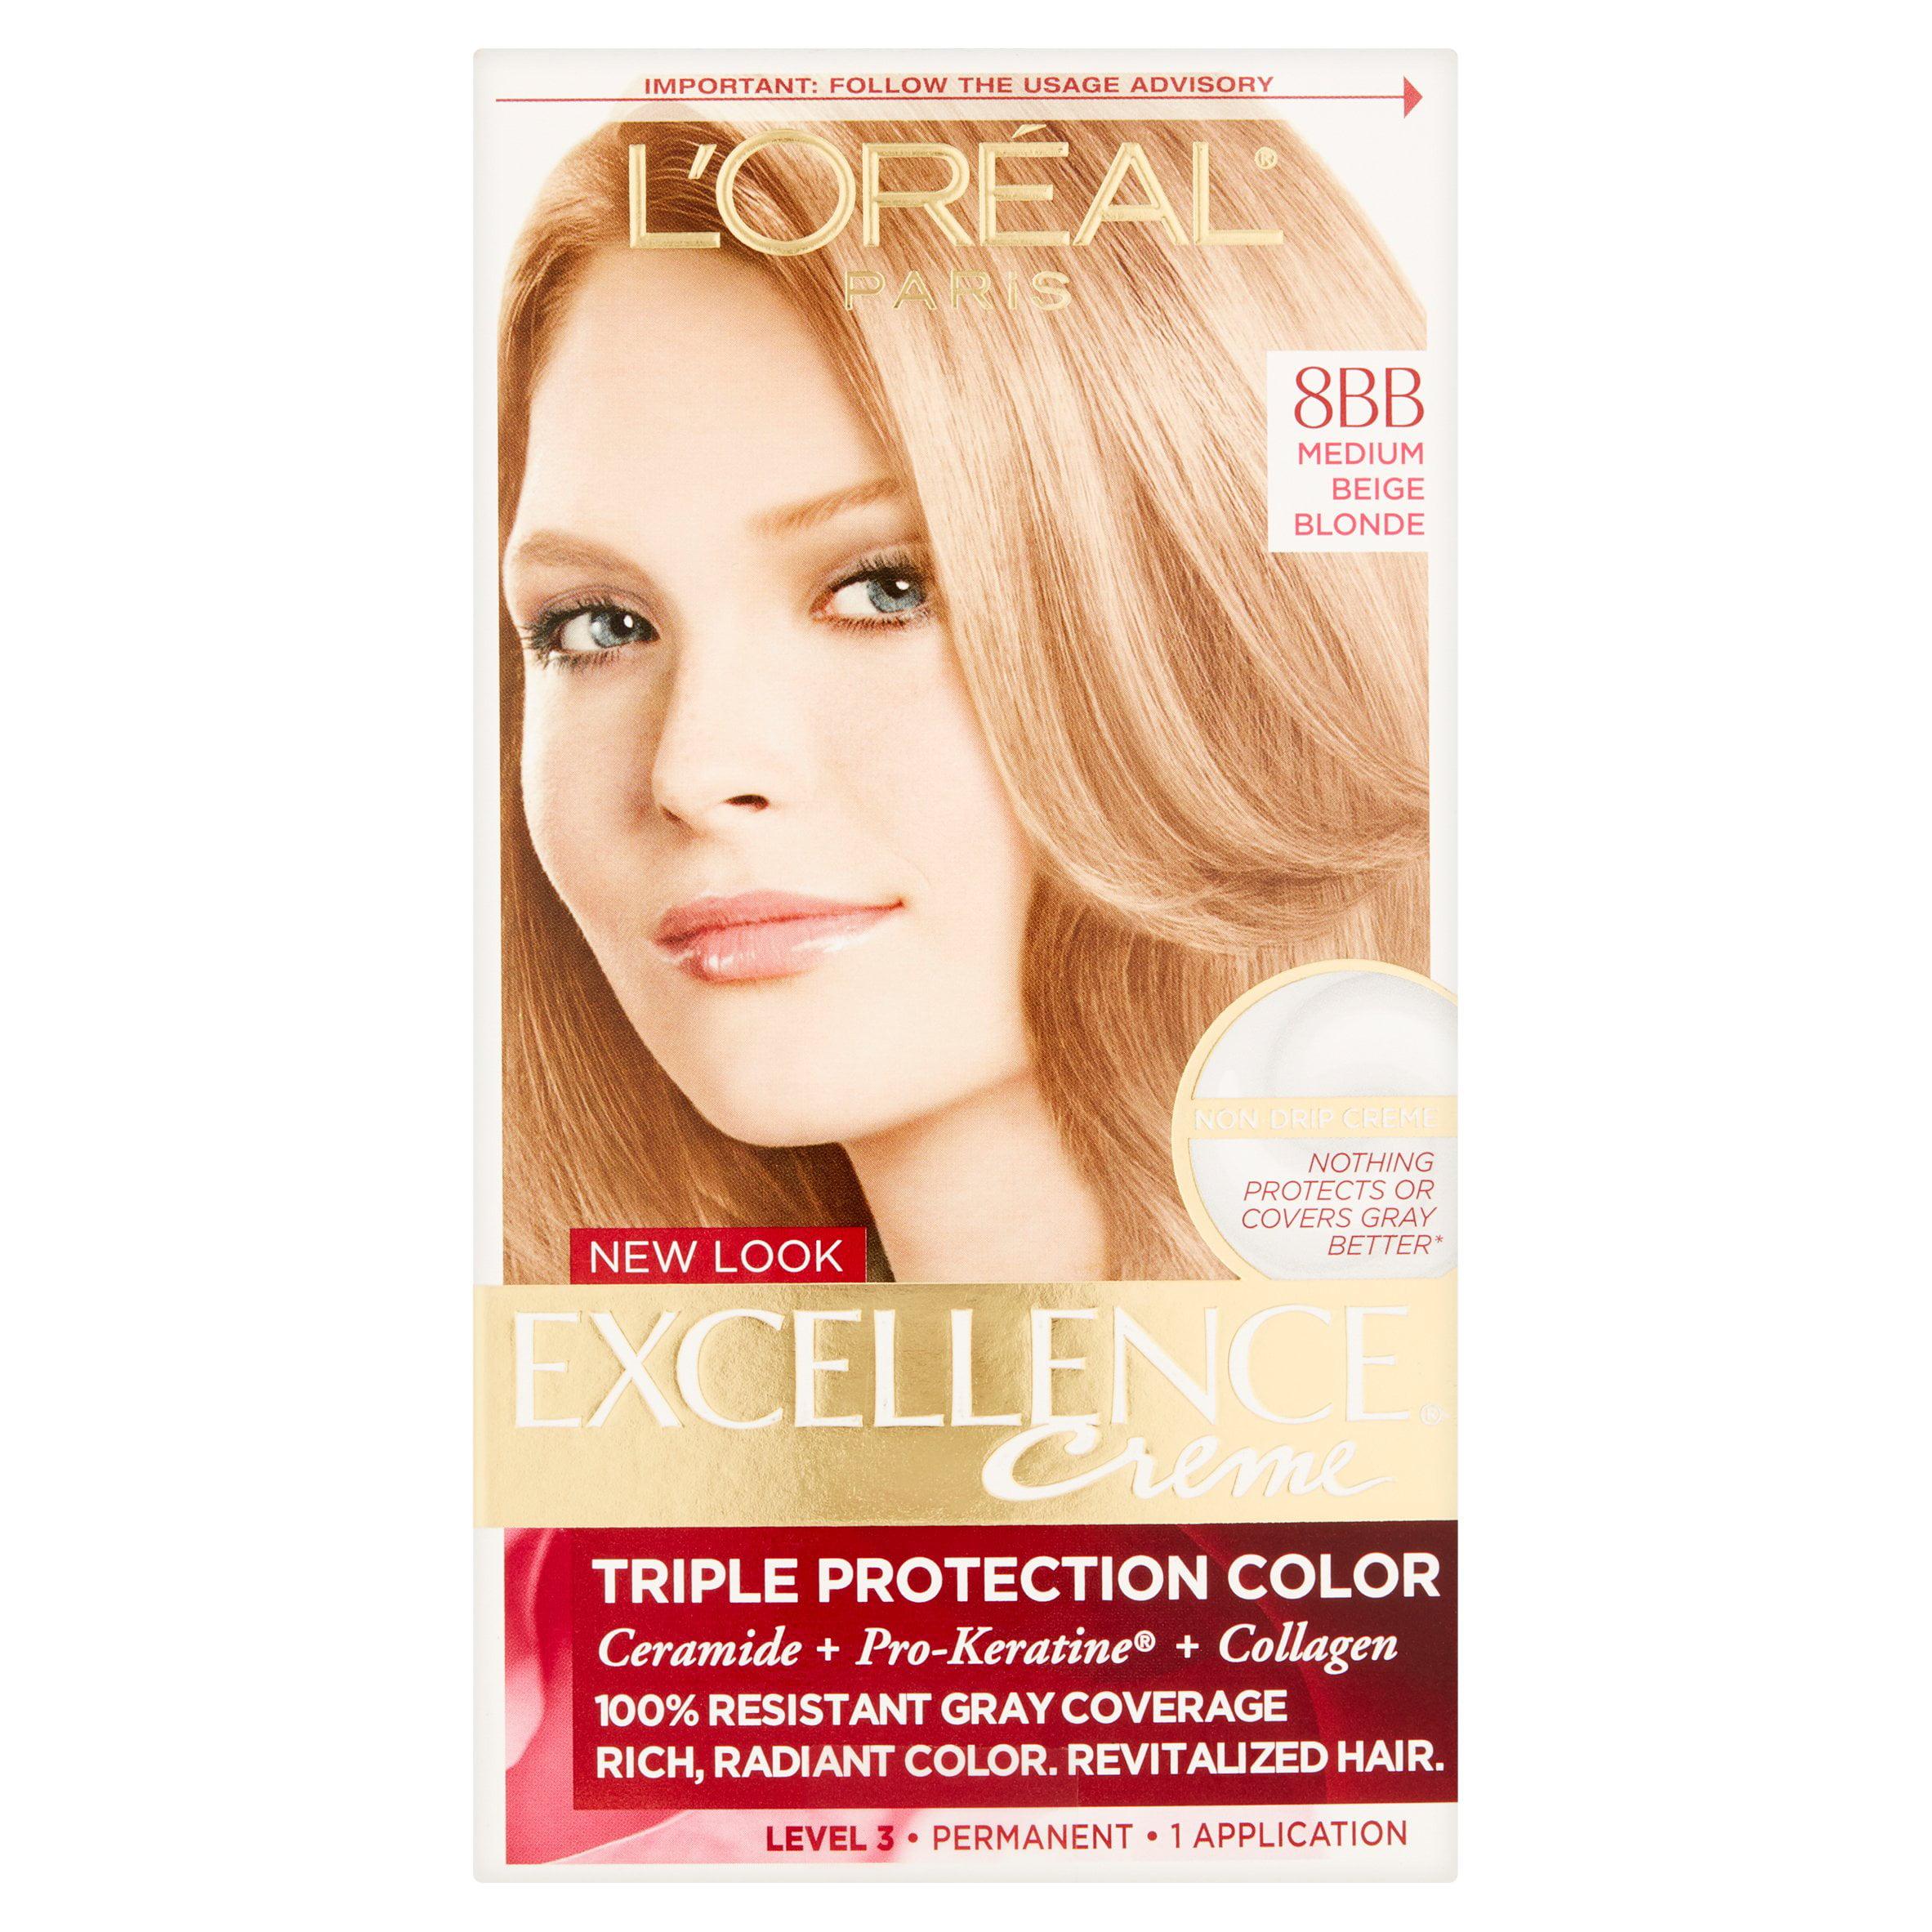 medium beige blonde hair color - HD2365×2365